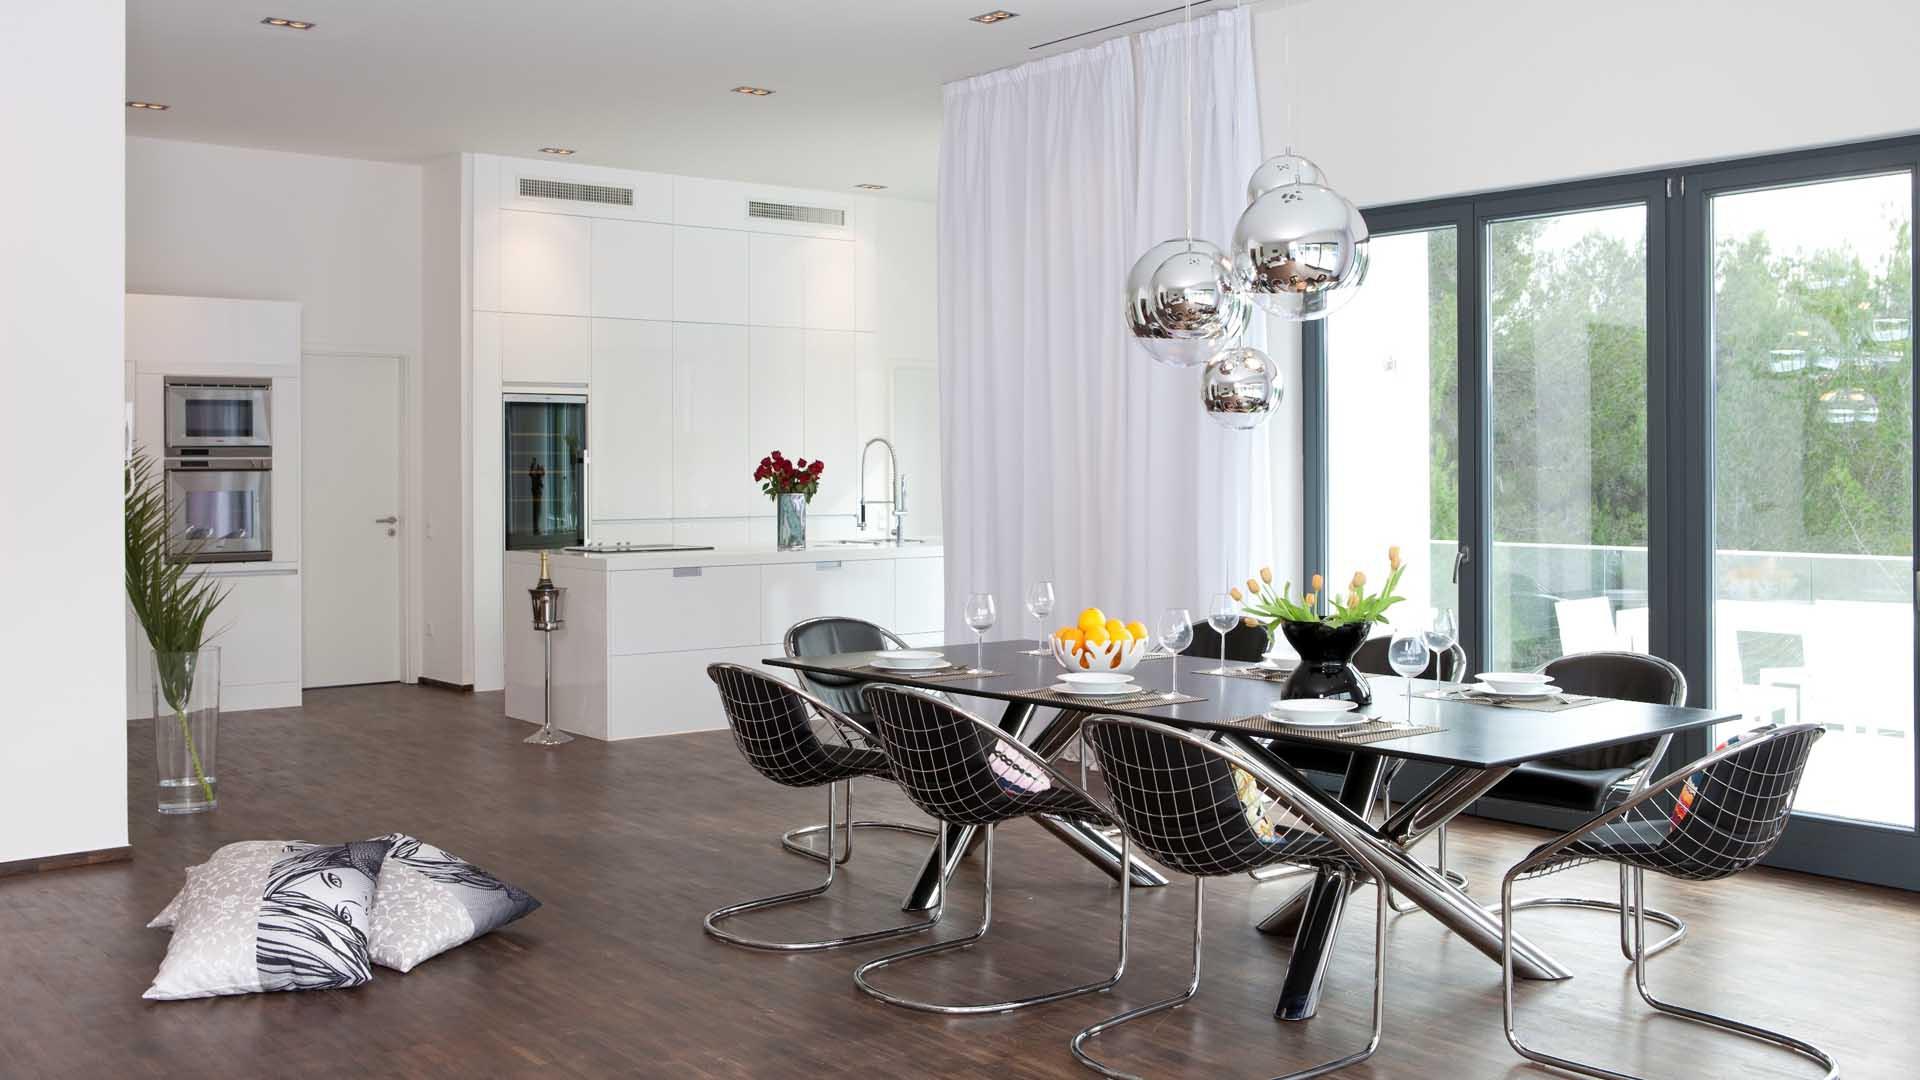 Люстры для дома – как найти высокое качество по умеренной цене?